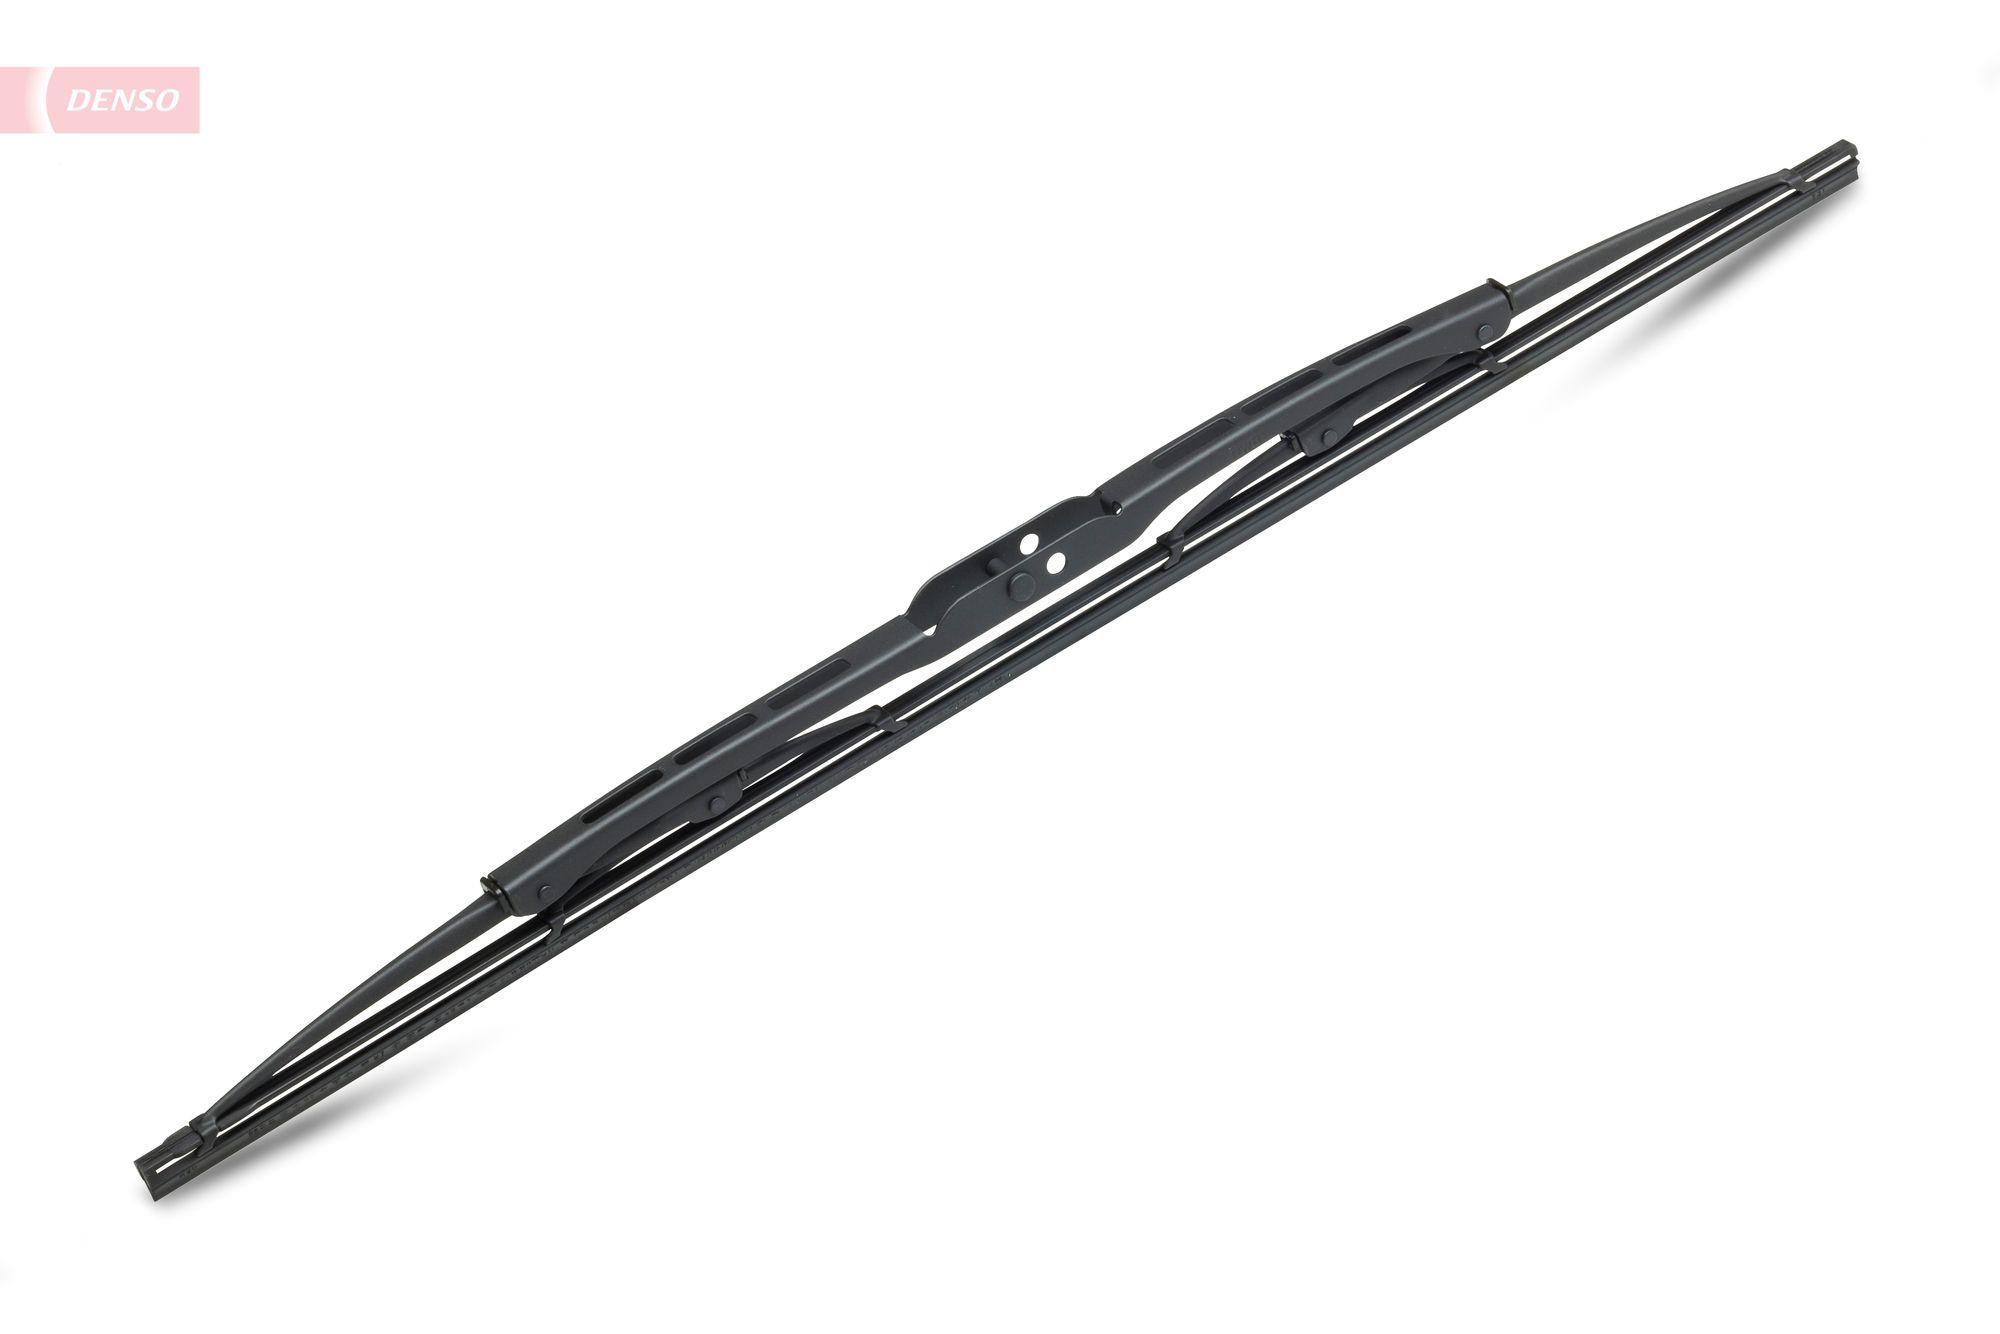 Achetez Essuie-glaces DENSO DM-048 () à un rapport qualité-prix exceptionnel